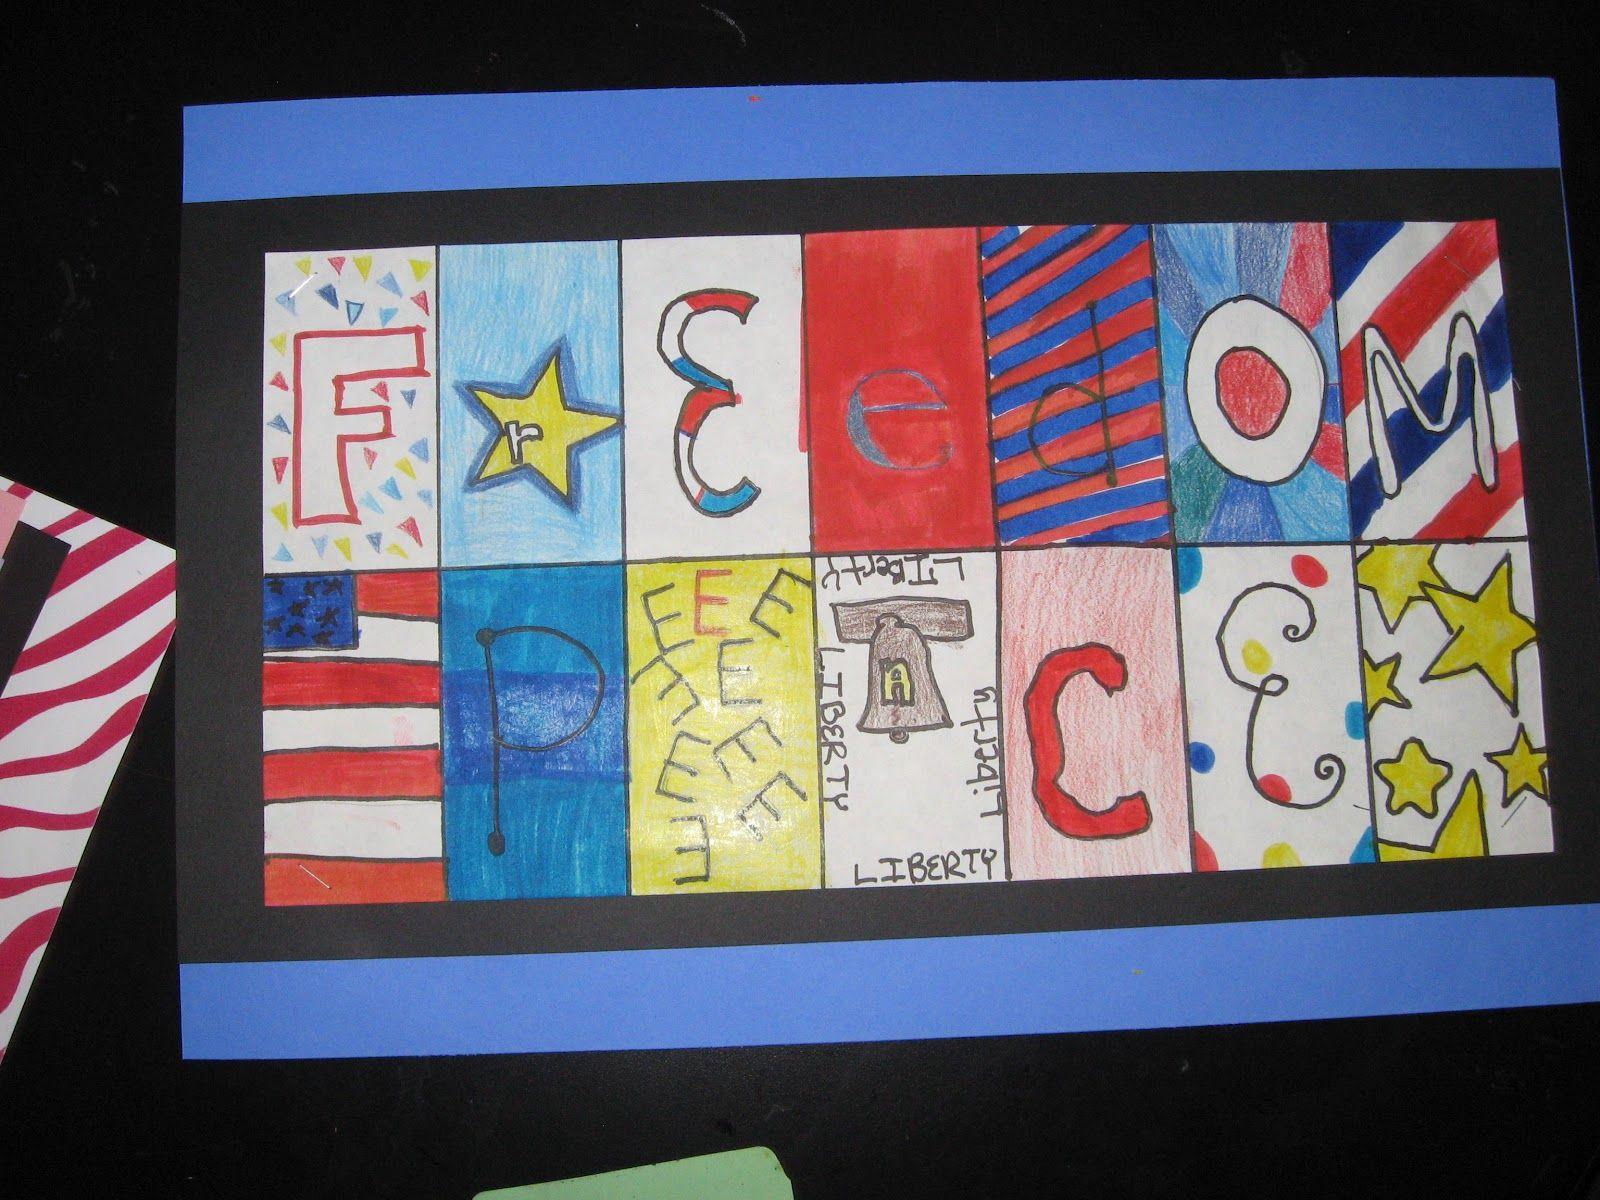 Patriotic Art And Graphic Design